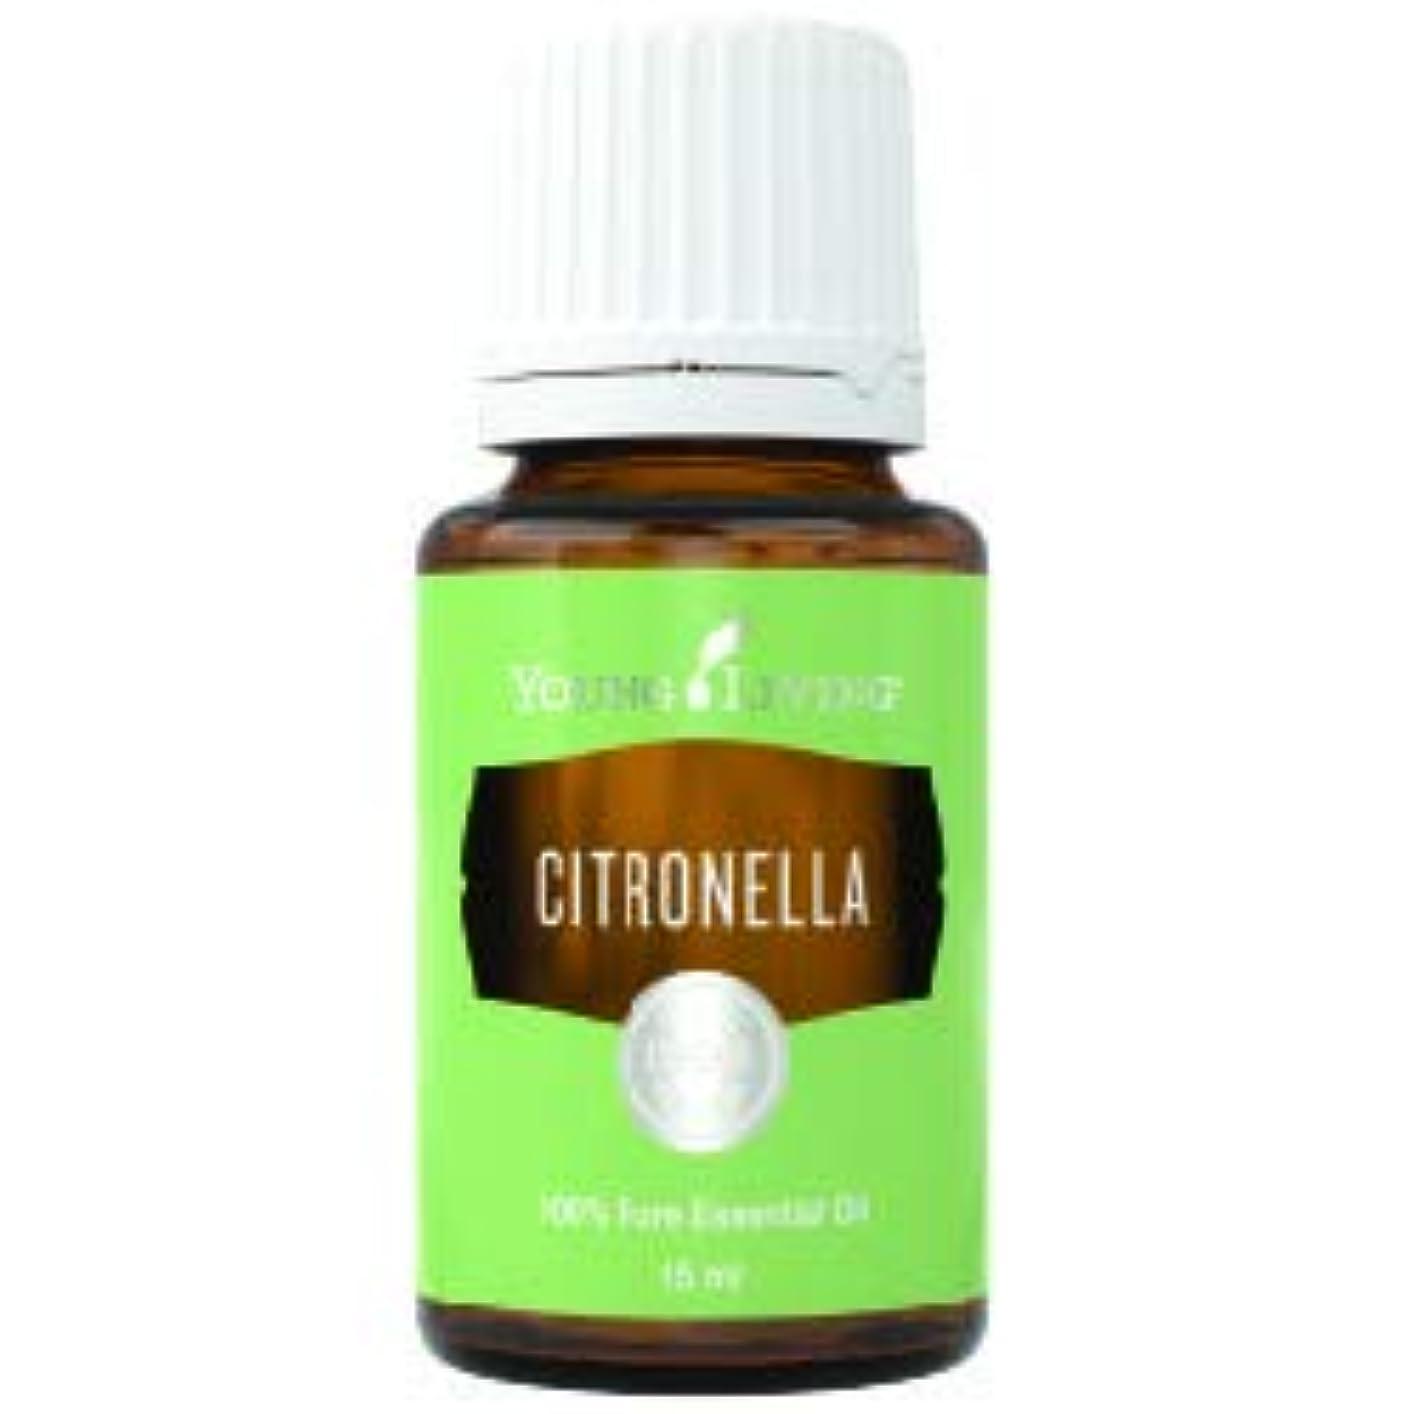 読むペルセウス十億シトロネラエッセンシャルオイル15 ml byヤングリビングマレーシア Citronella Essential Oil 15 ml by Young Living Malaysia